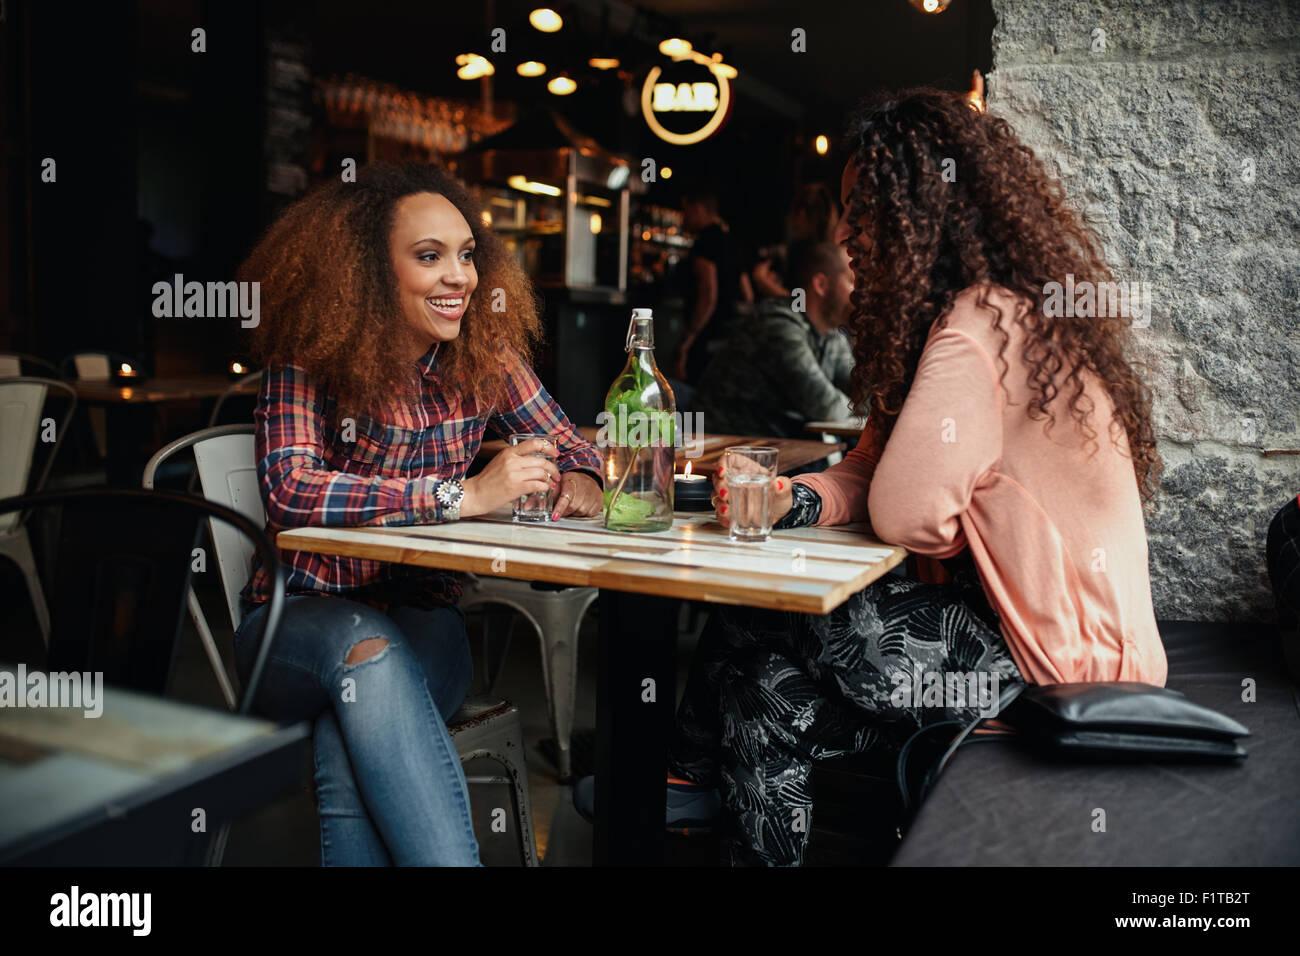 Zwei junge Frauen reden, sitzen in einem Restaurant. Afrikanische Frau lächelnd und Chat mit ihrer Freundin Stockbild